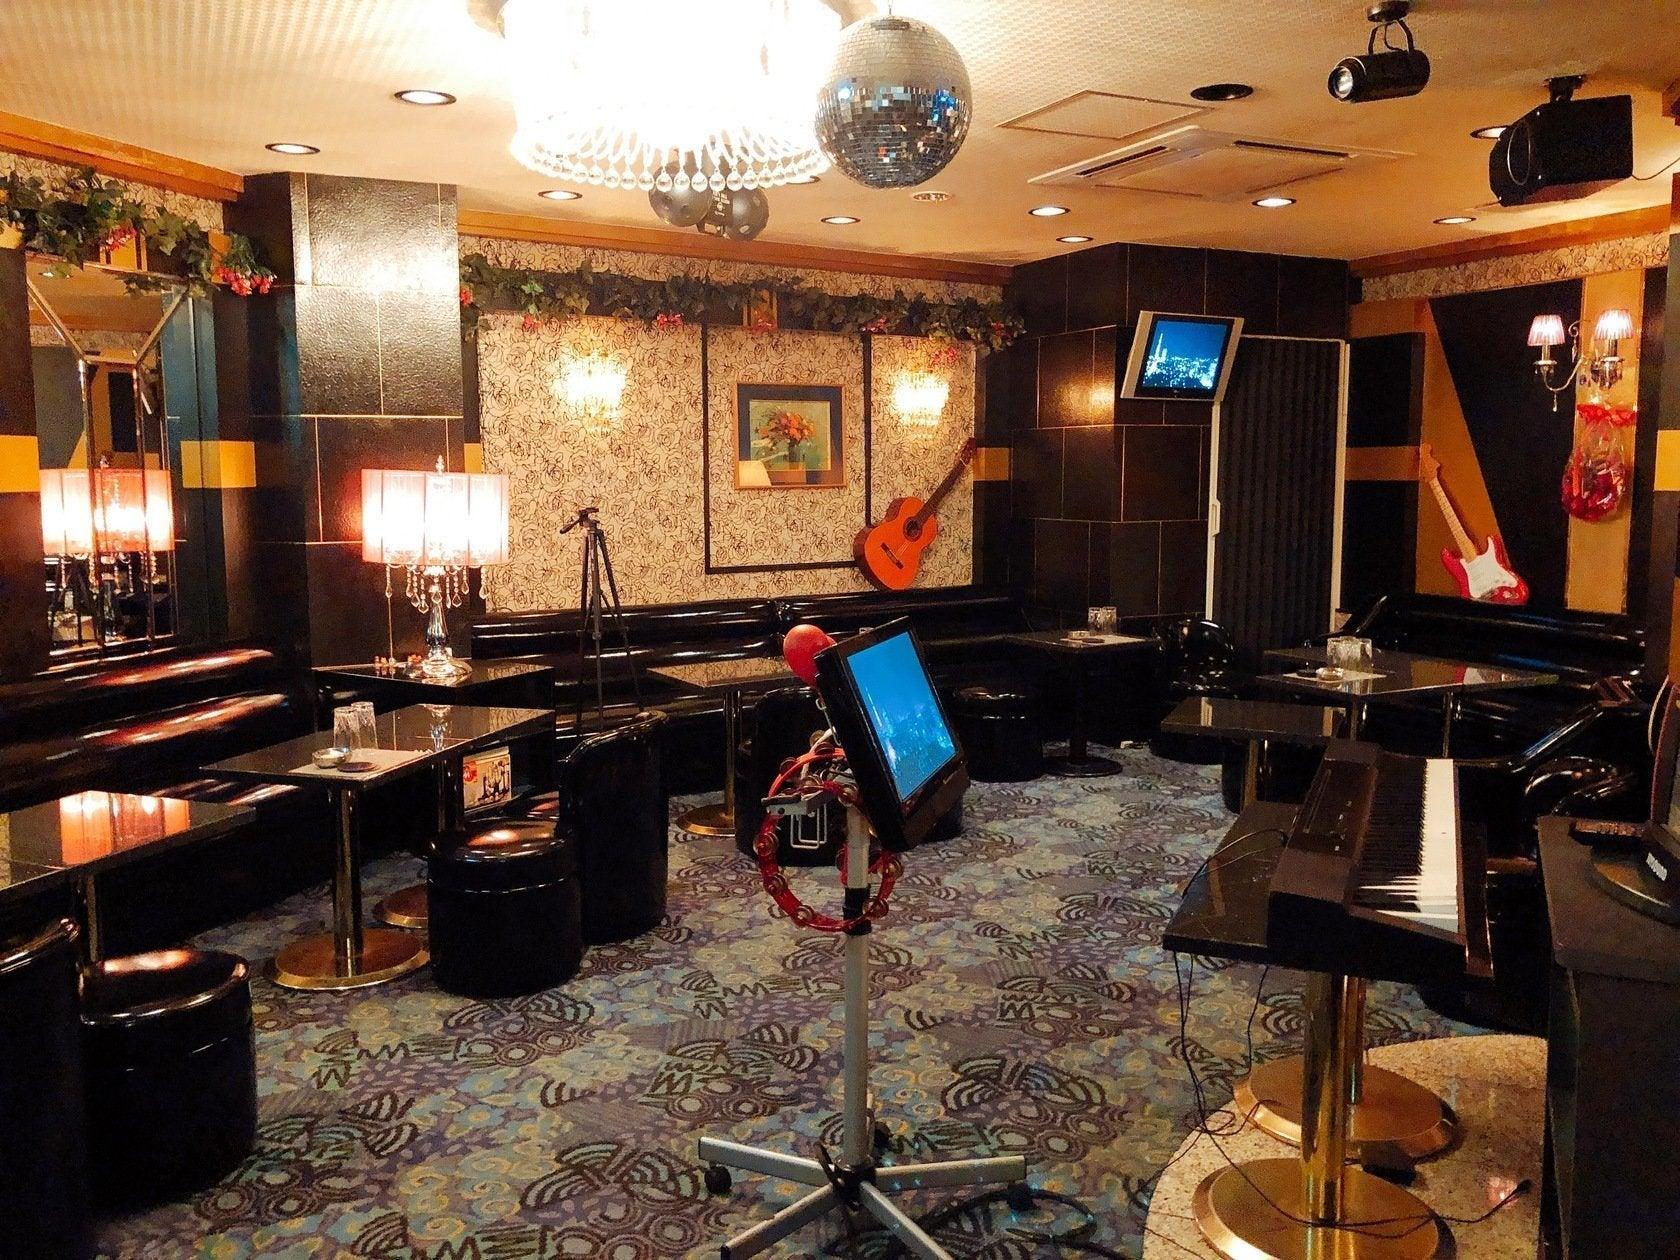 【スペースマーケット新宿歌舞伎町】⭐️トップホスト認定⭐️映画撮影の行われたラグジュアリーな空間でカラオケパーティ🎤 の写真